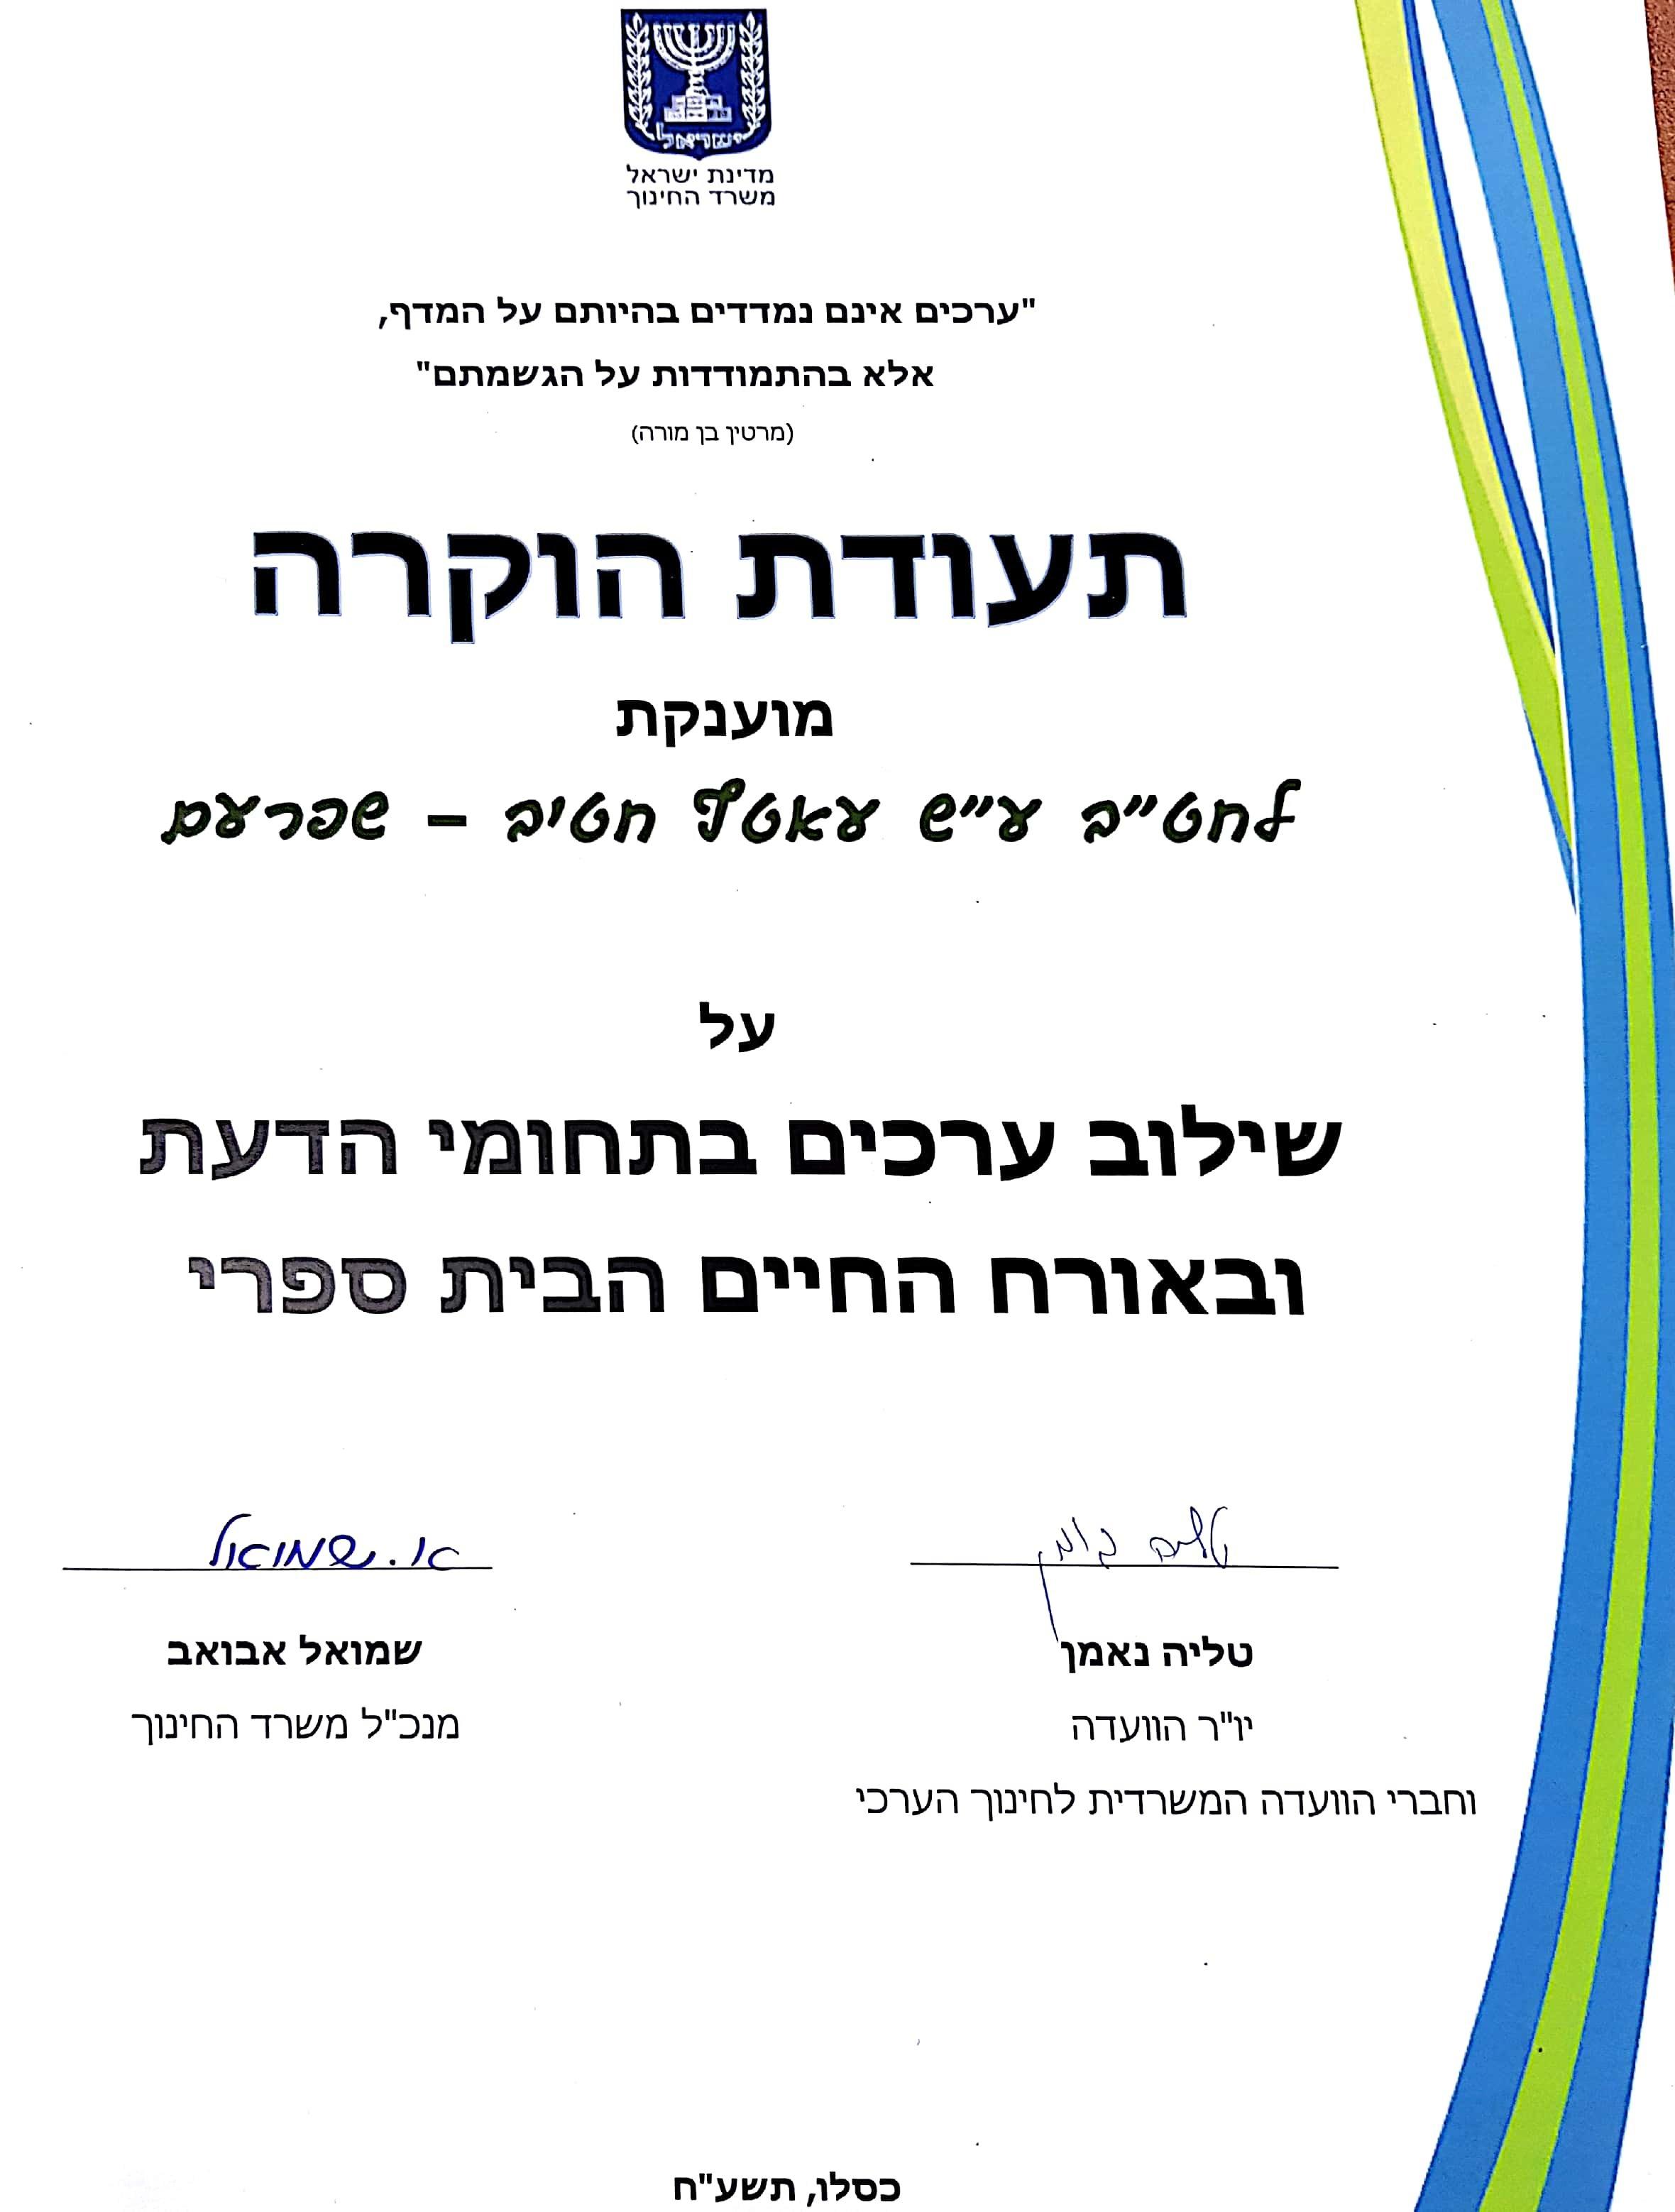 مدرسة عاطف خطيب الإعدادية تفوز بجائزة التربية للقيم